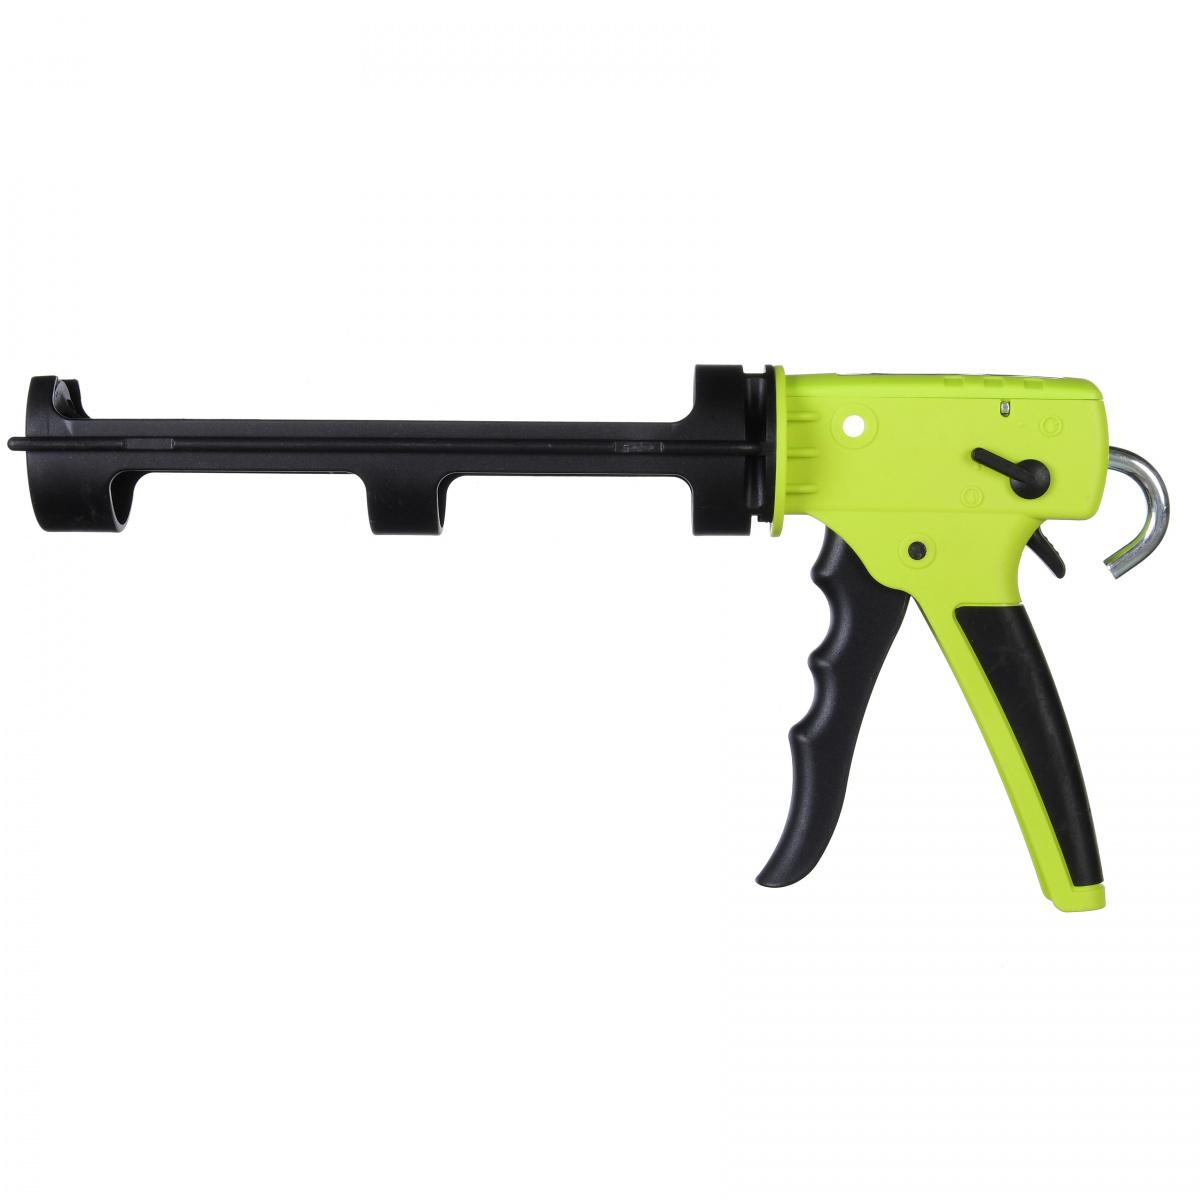 Пистолет для герметика A251/004, двухрежимный антикапля